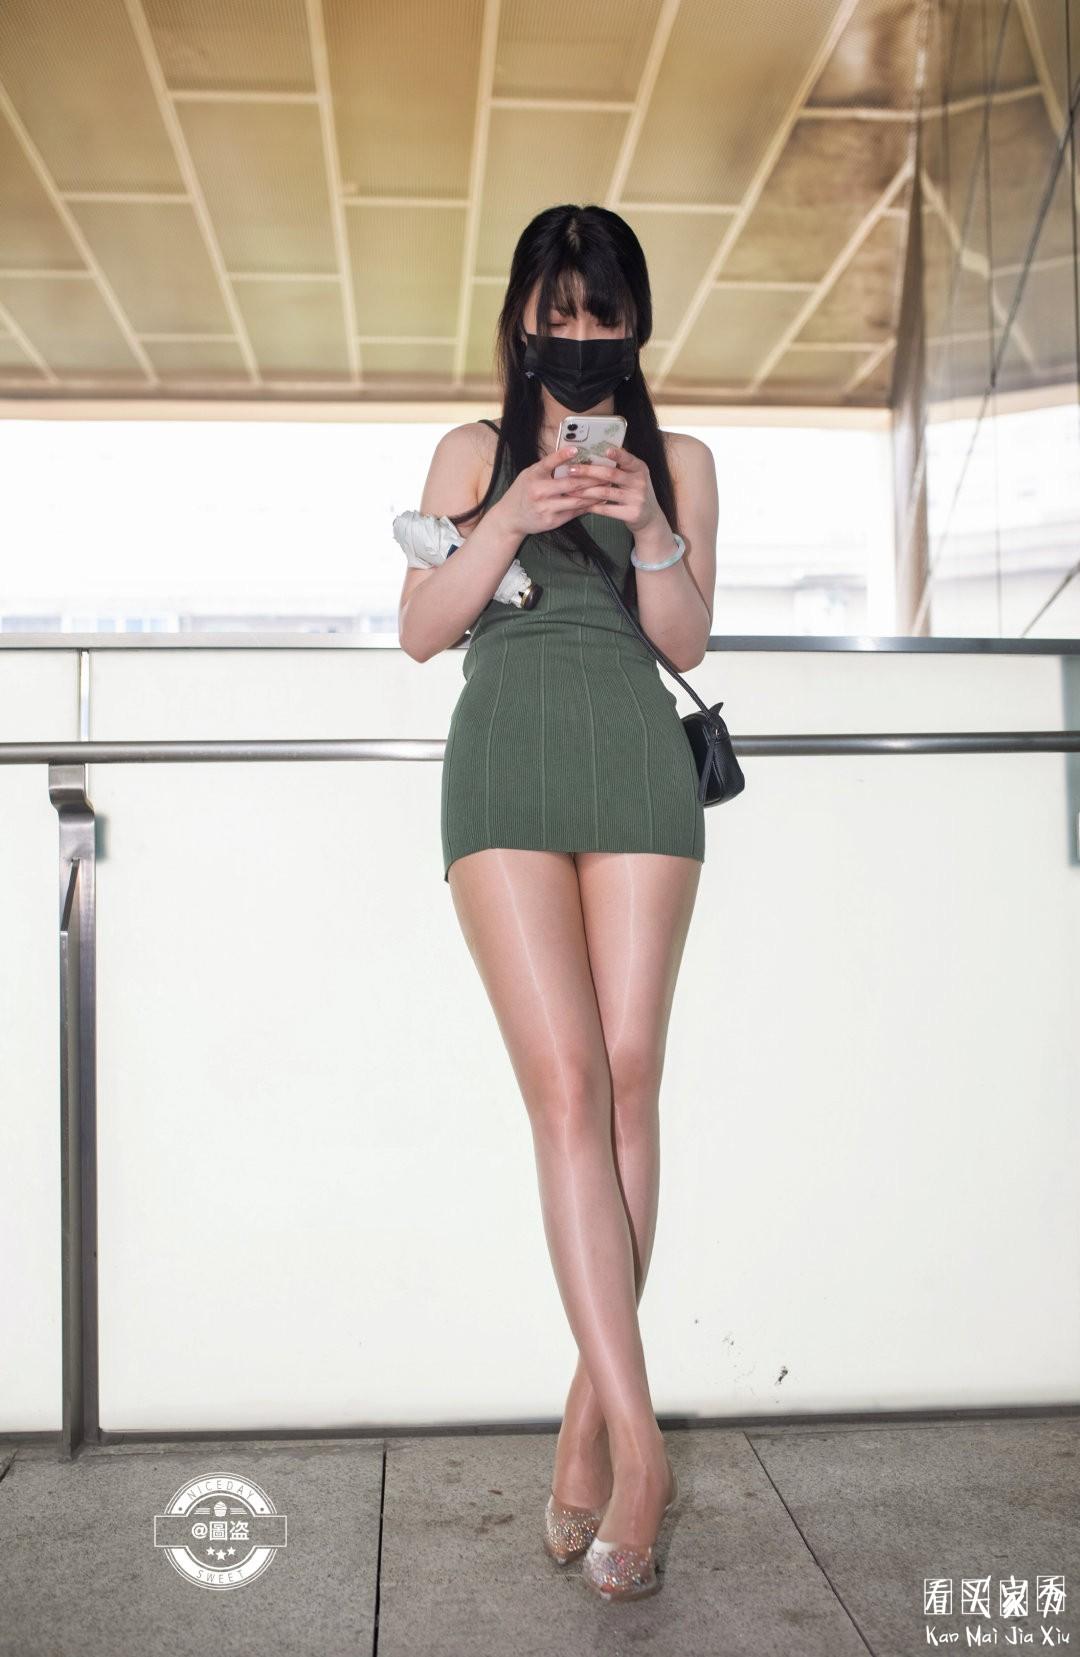 [街拍美女]包臀裙配肉丝袜,有种说不出的感觉2